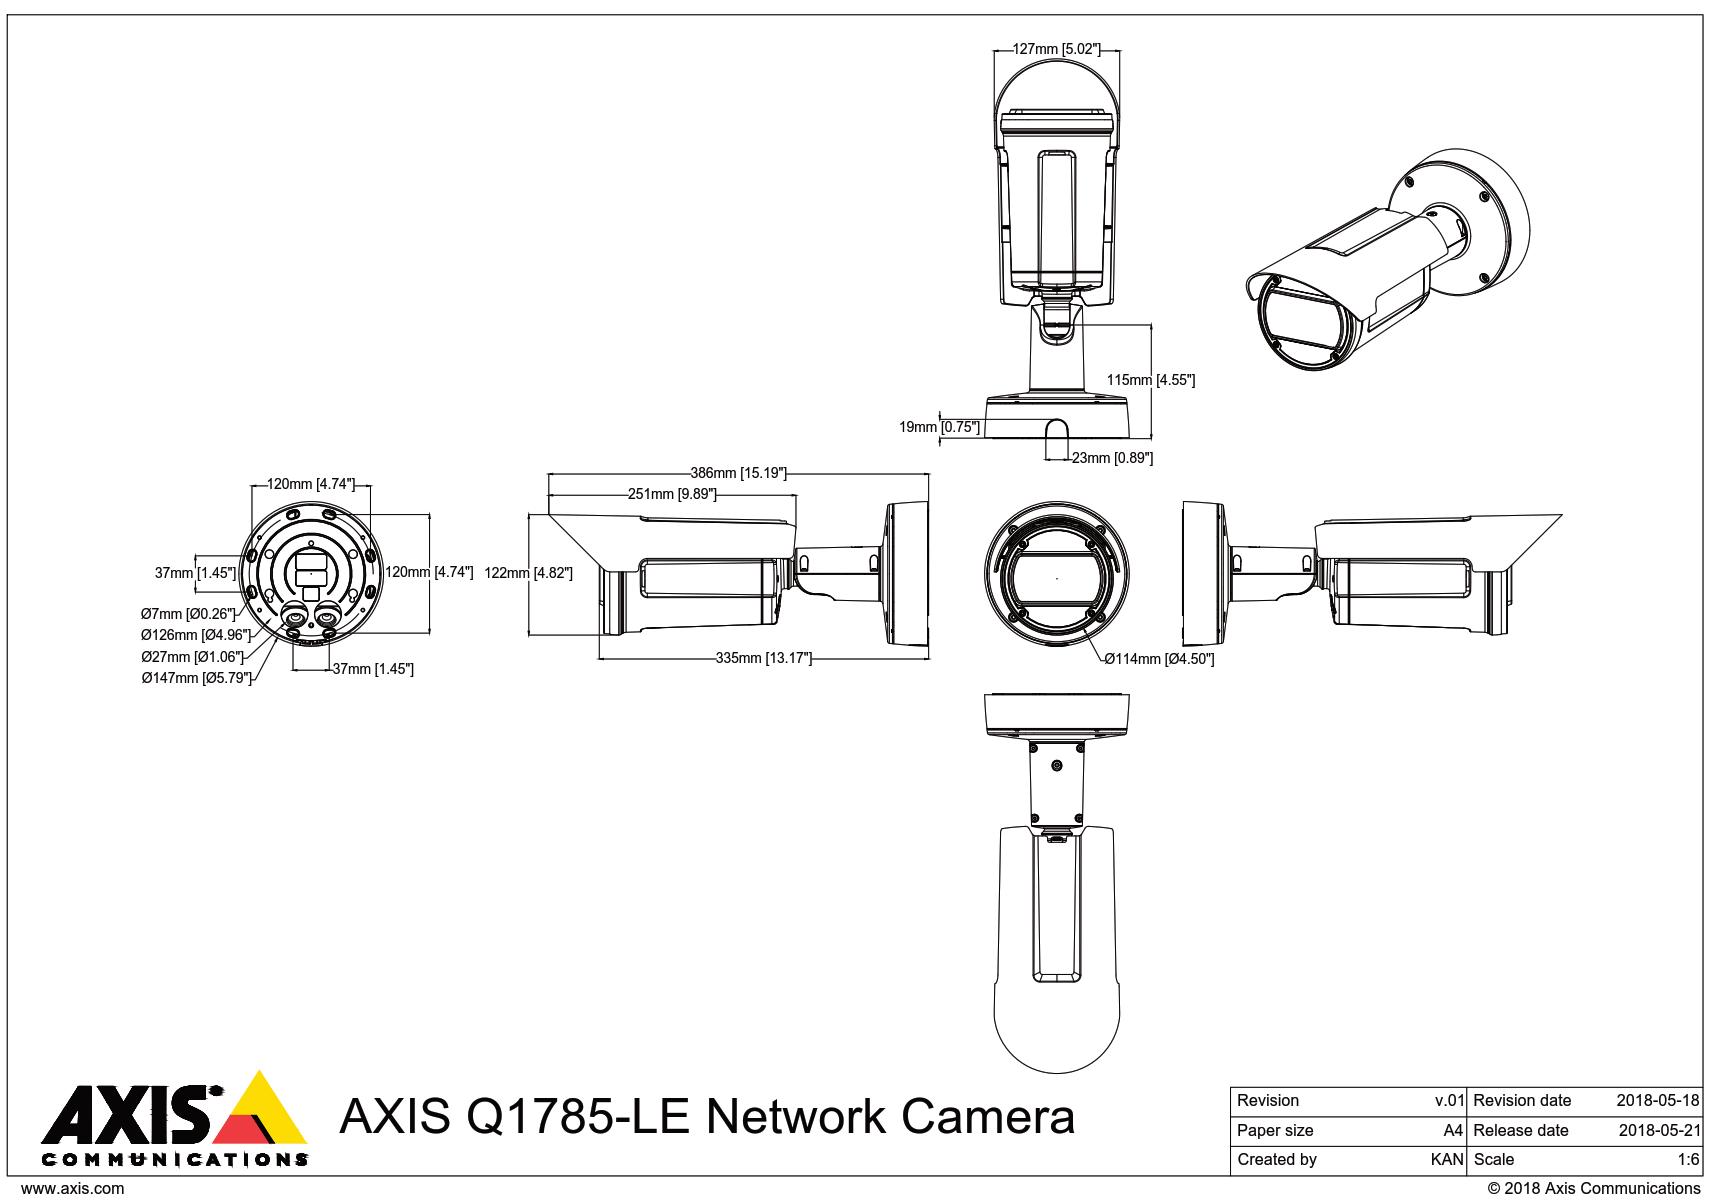 Q1785-LE Dimensions